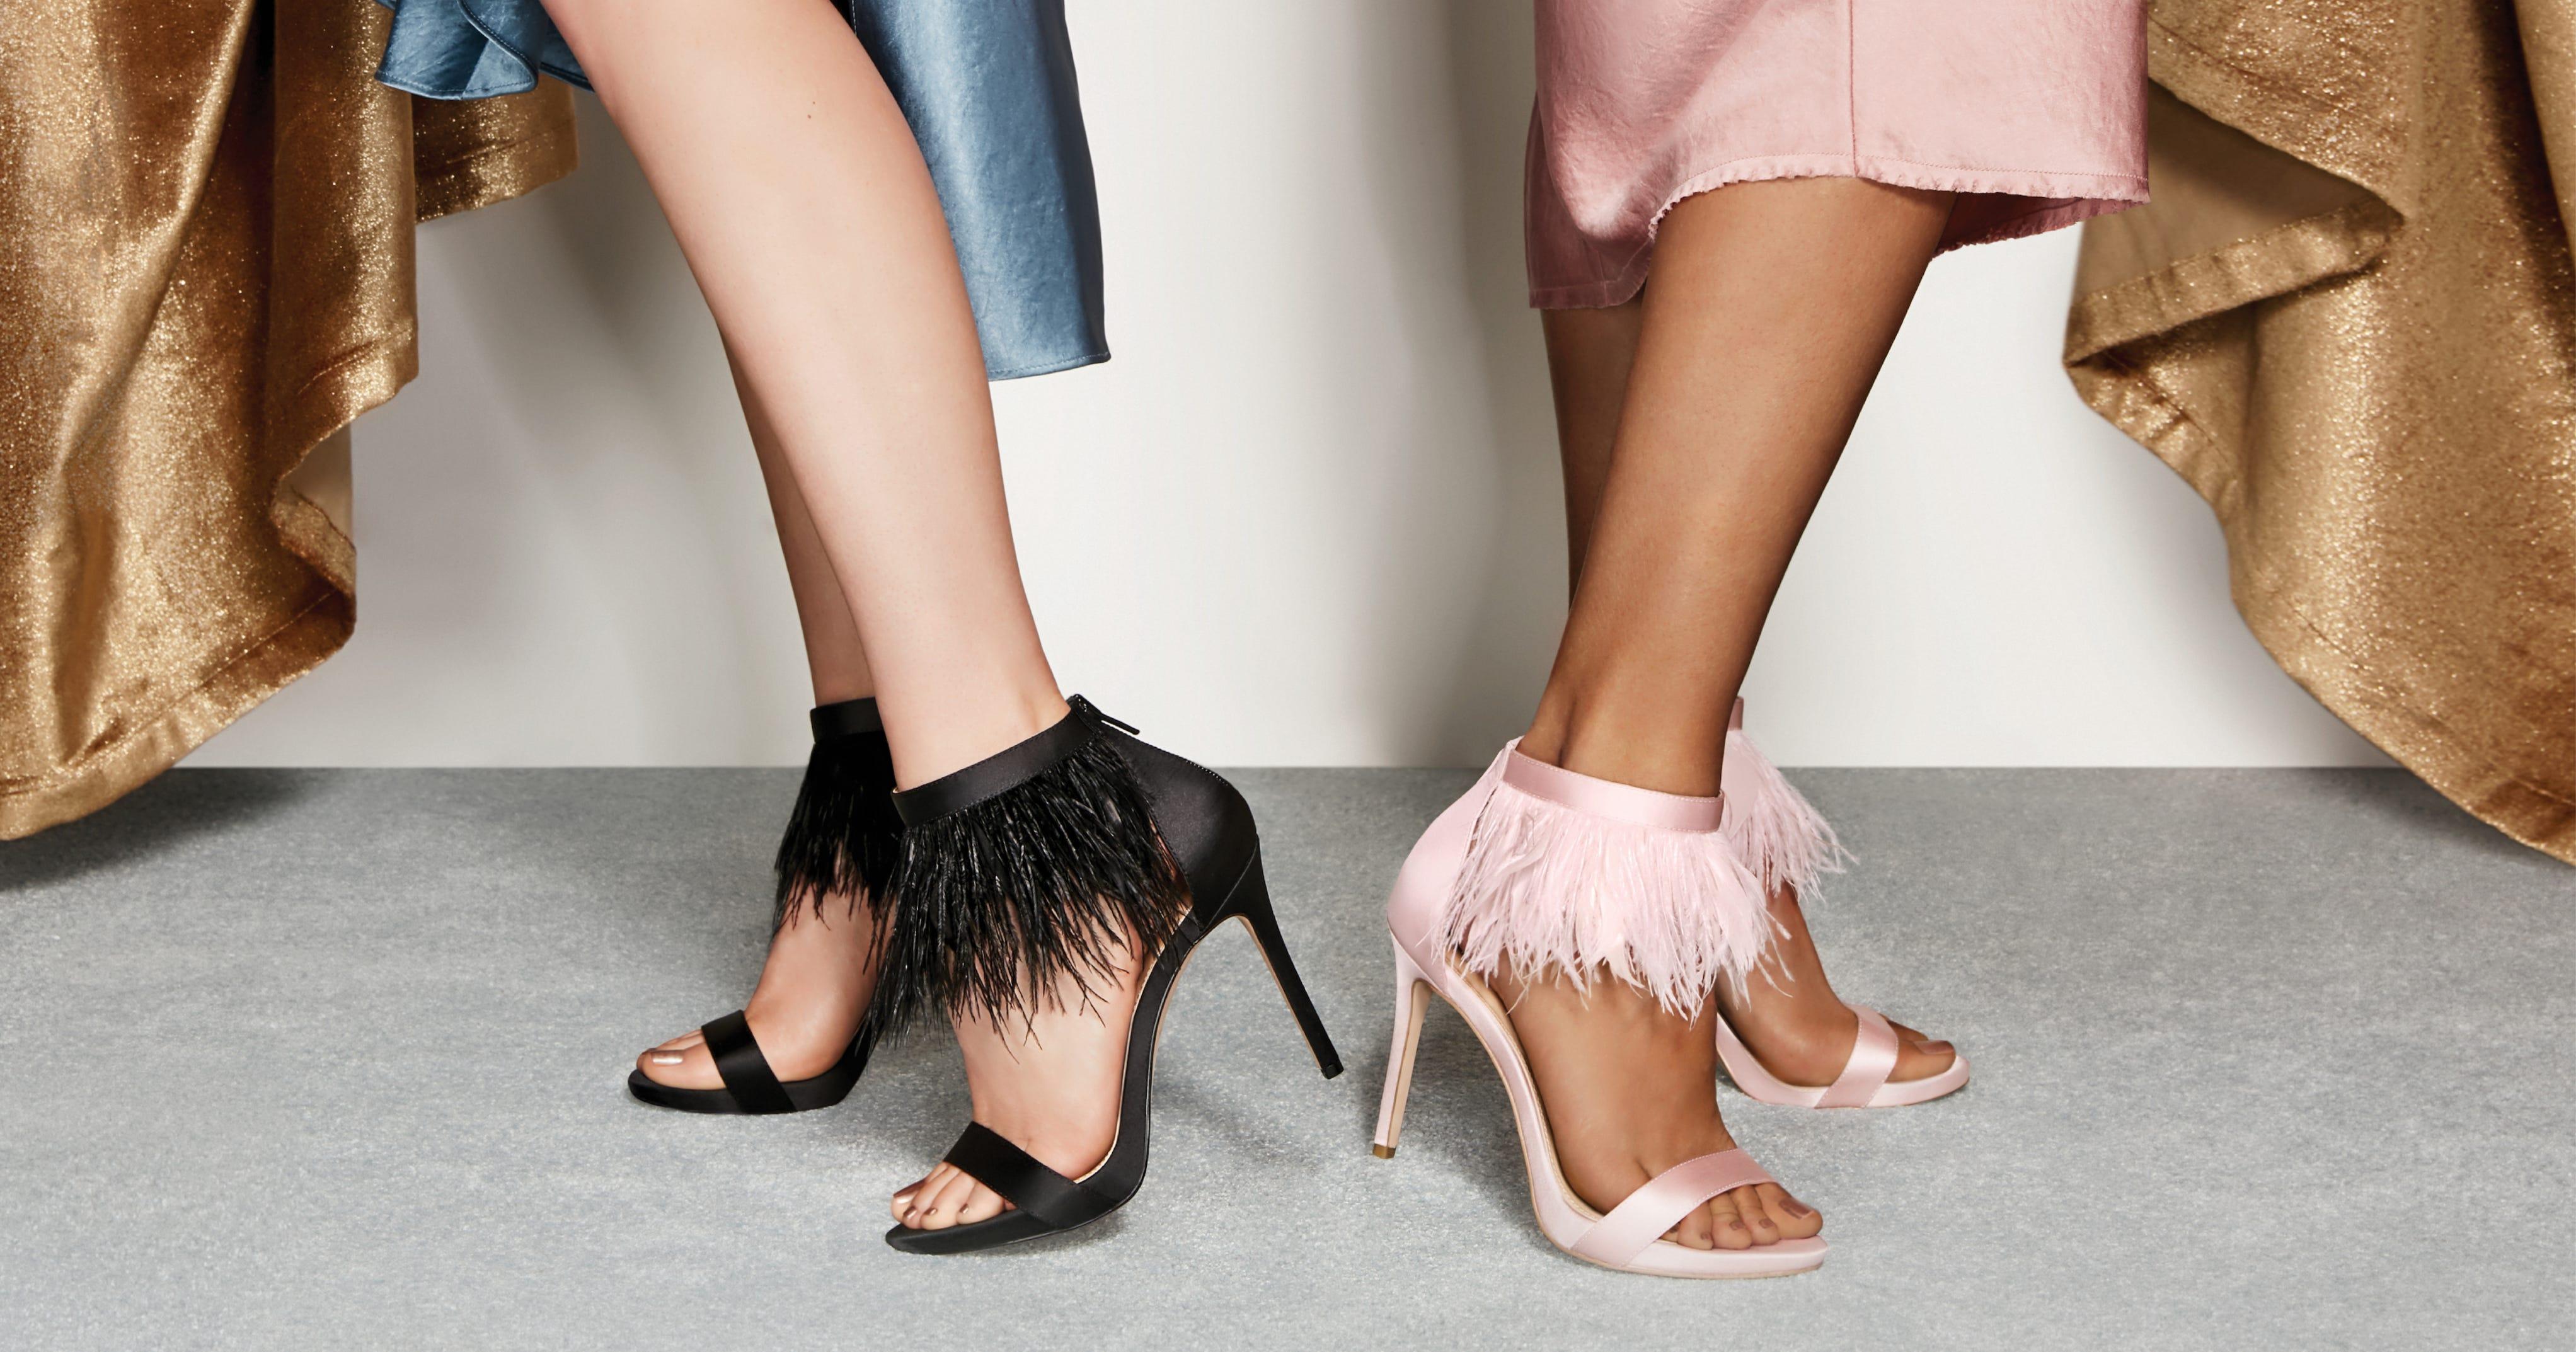 Pleasing brunette in shoes teasing